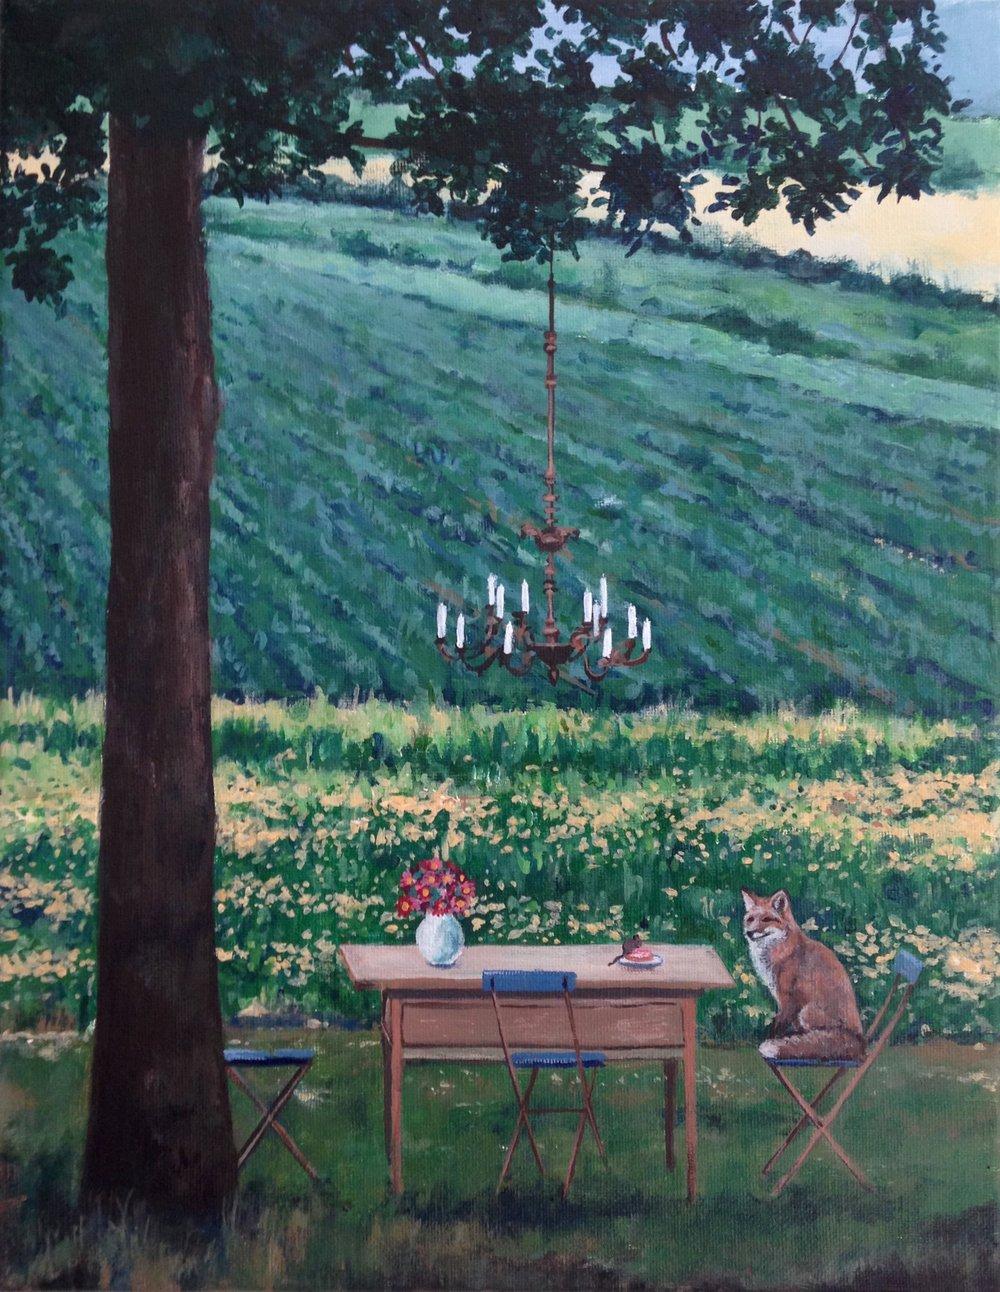 déjeuner sur l'herbe, 11''x14'', acrylic on canvas, 2016